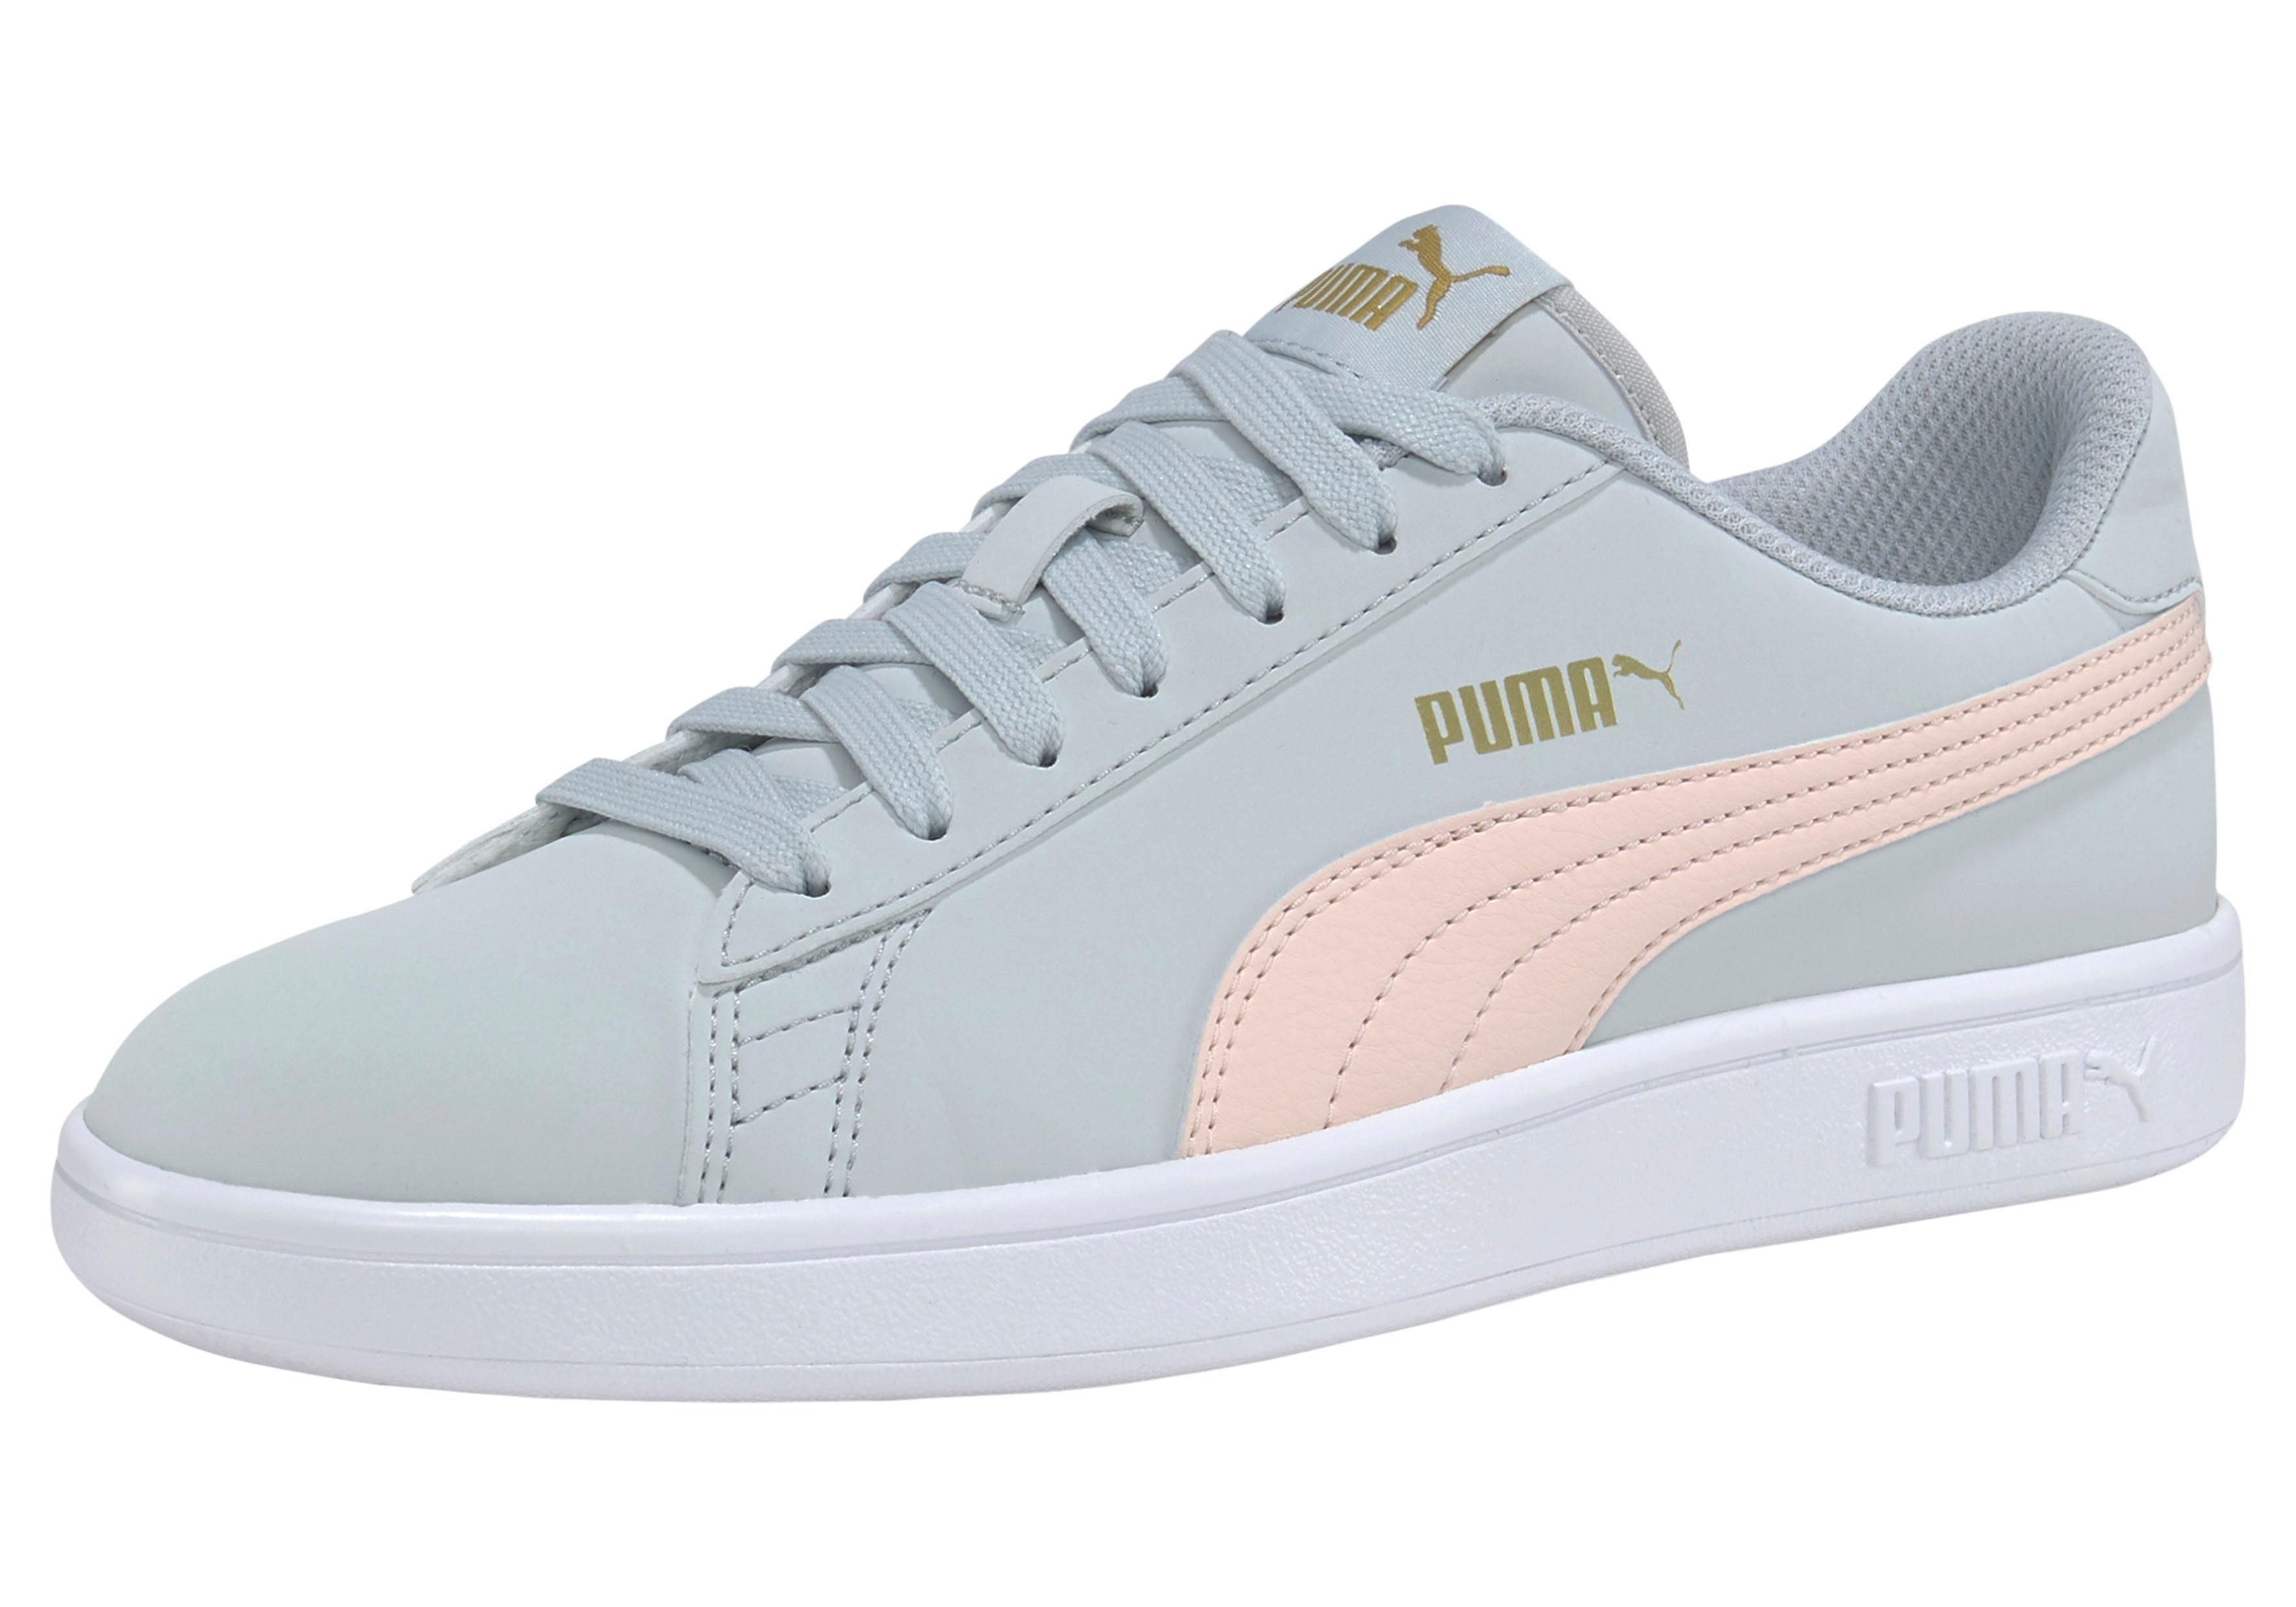 PUMA »Puma Smash v2 Buck« Sneaker, Modischer Sneaker von PUMA online kaufen | OTTO